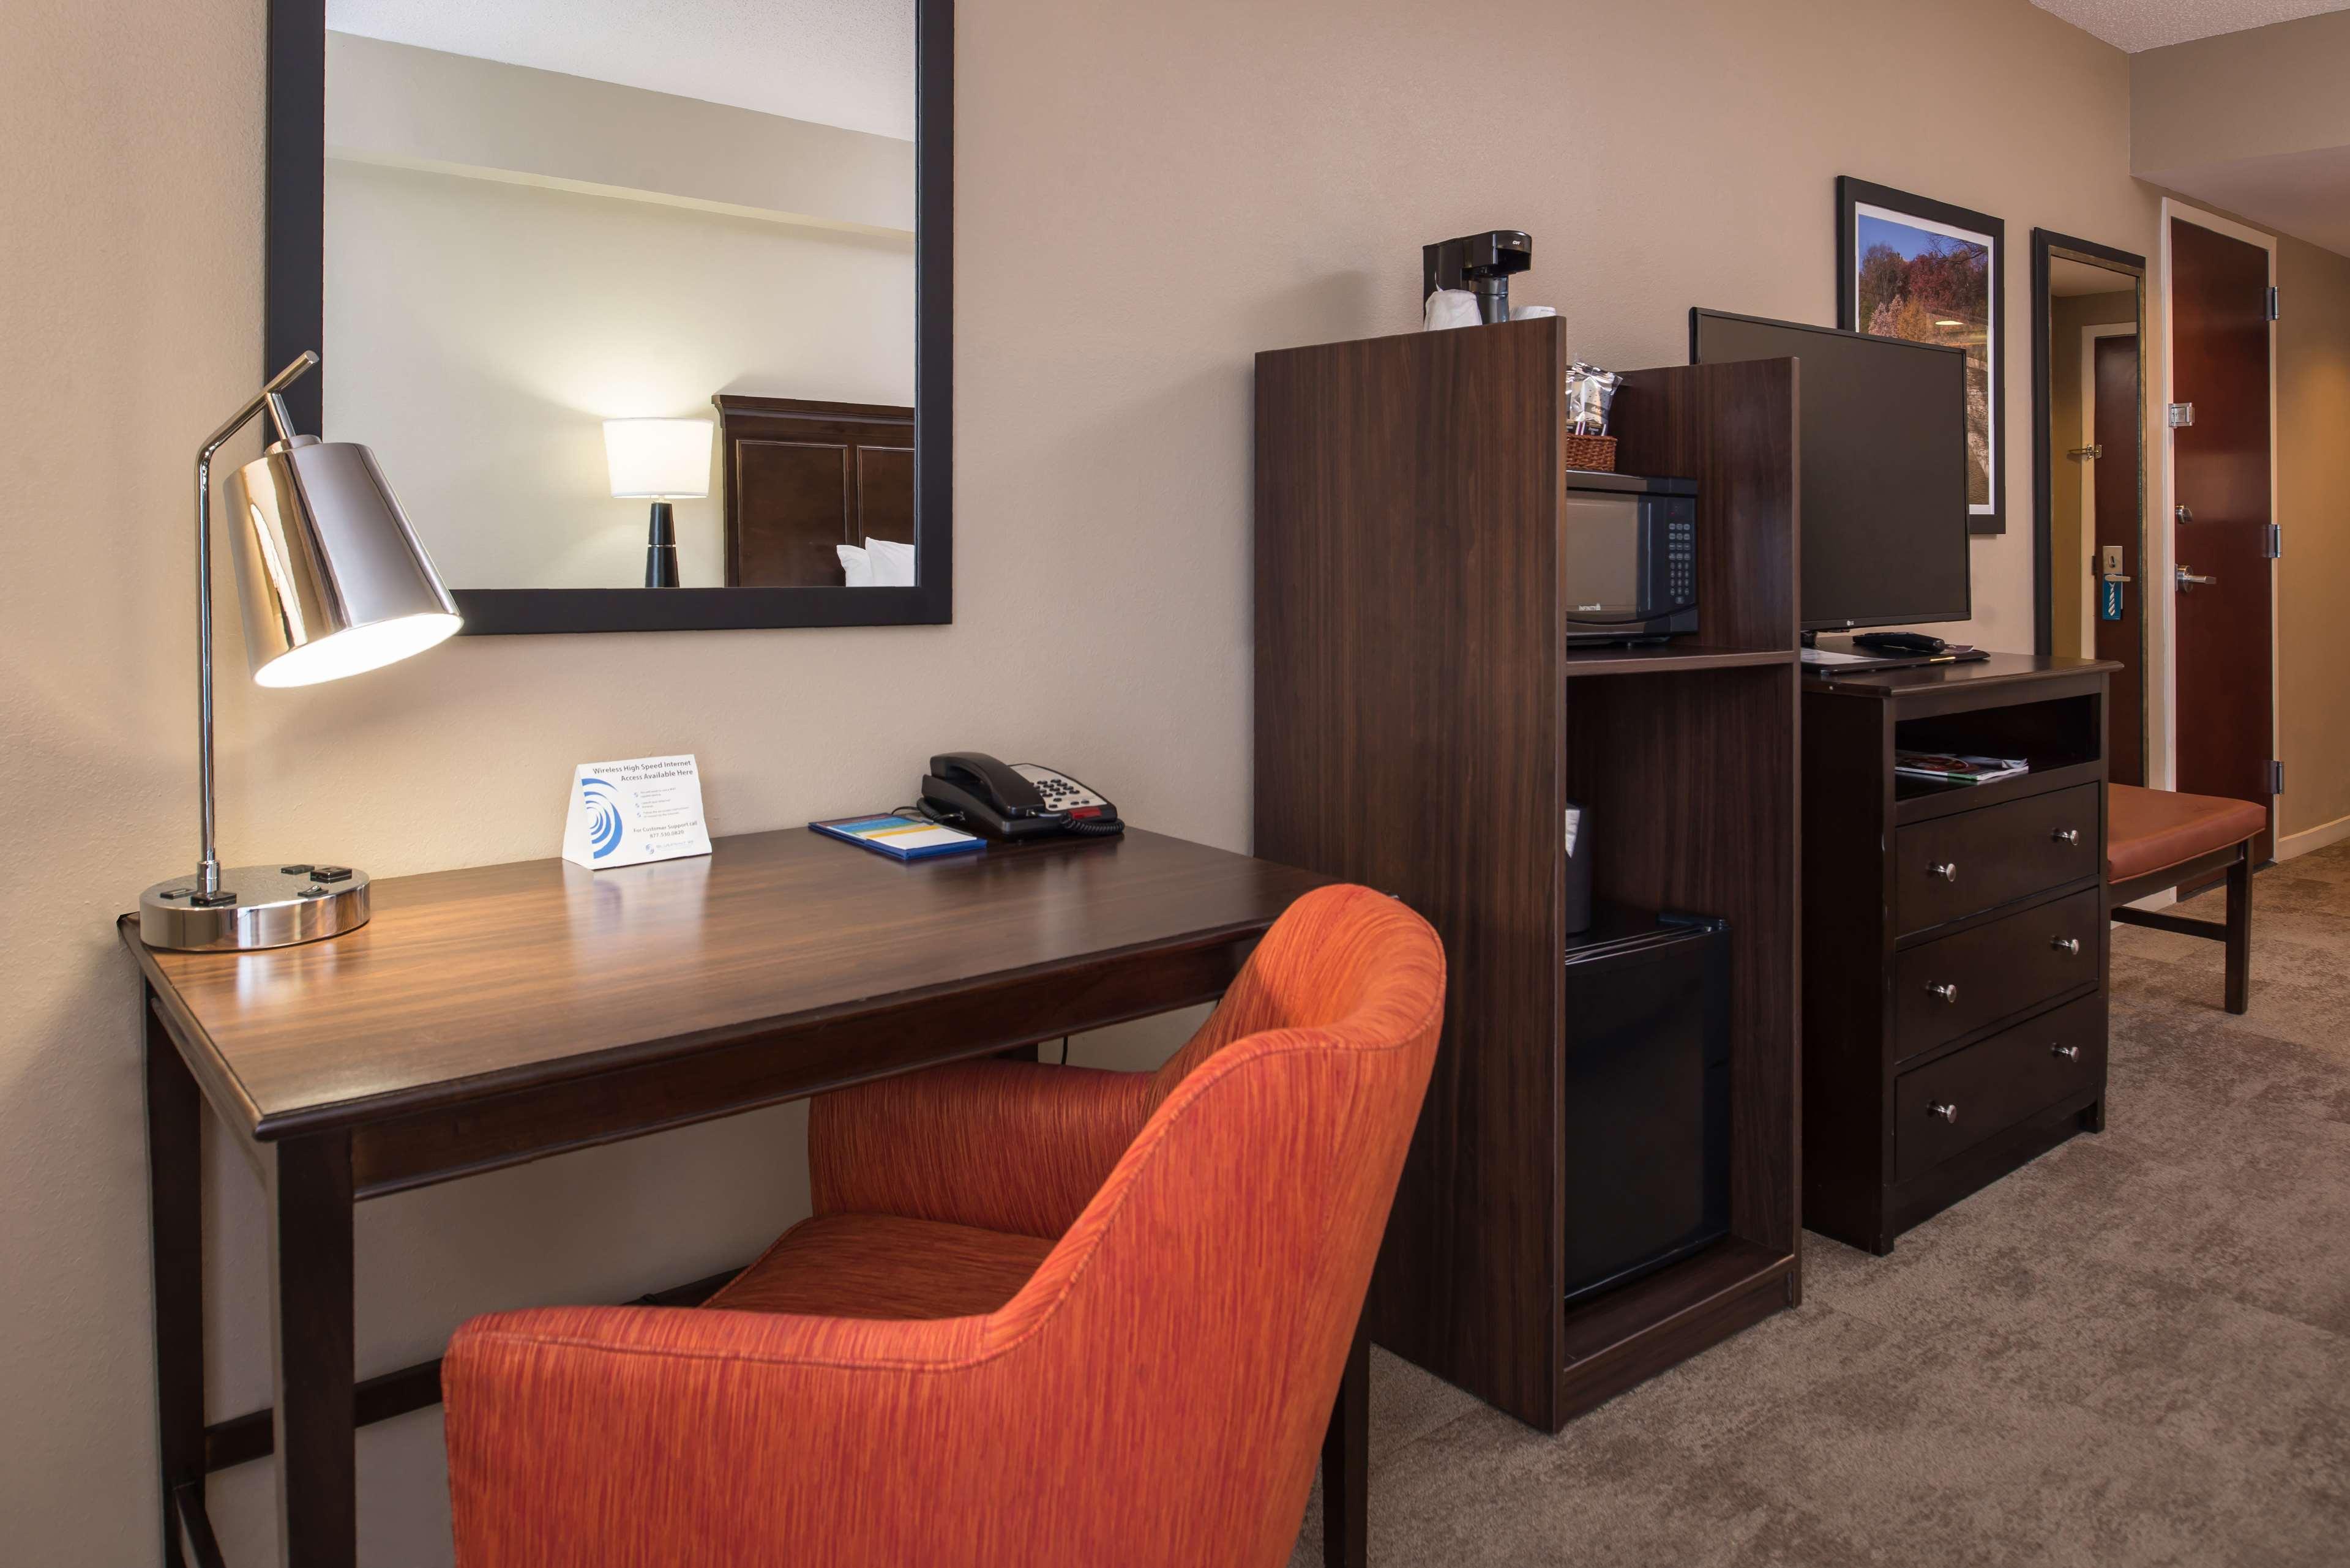 Hampton Inn & Suites Charlotte-Arrowood Rd. image 44